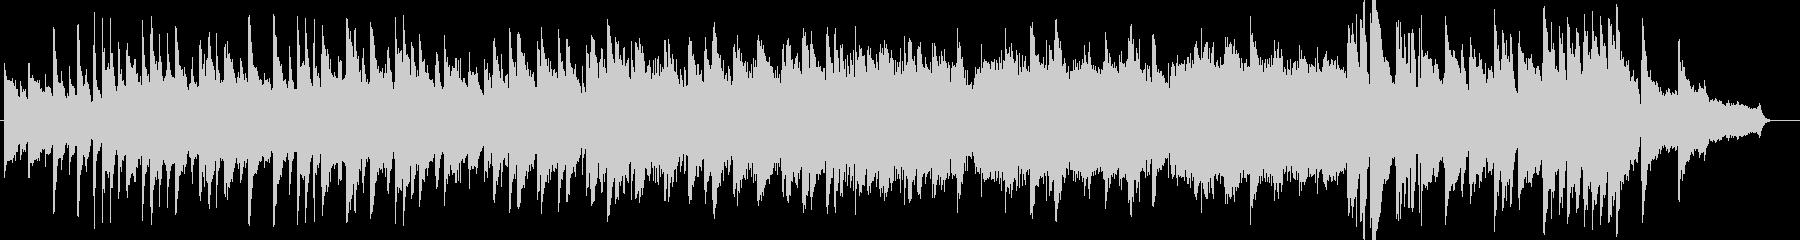 クラシックのピアノ曲をワルツにアレンジの未再生の波形